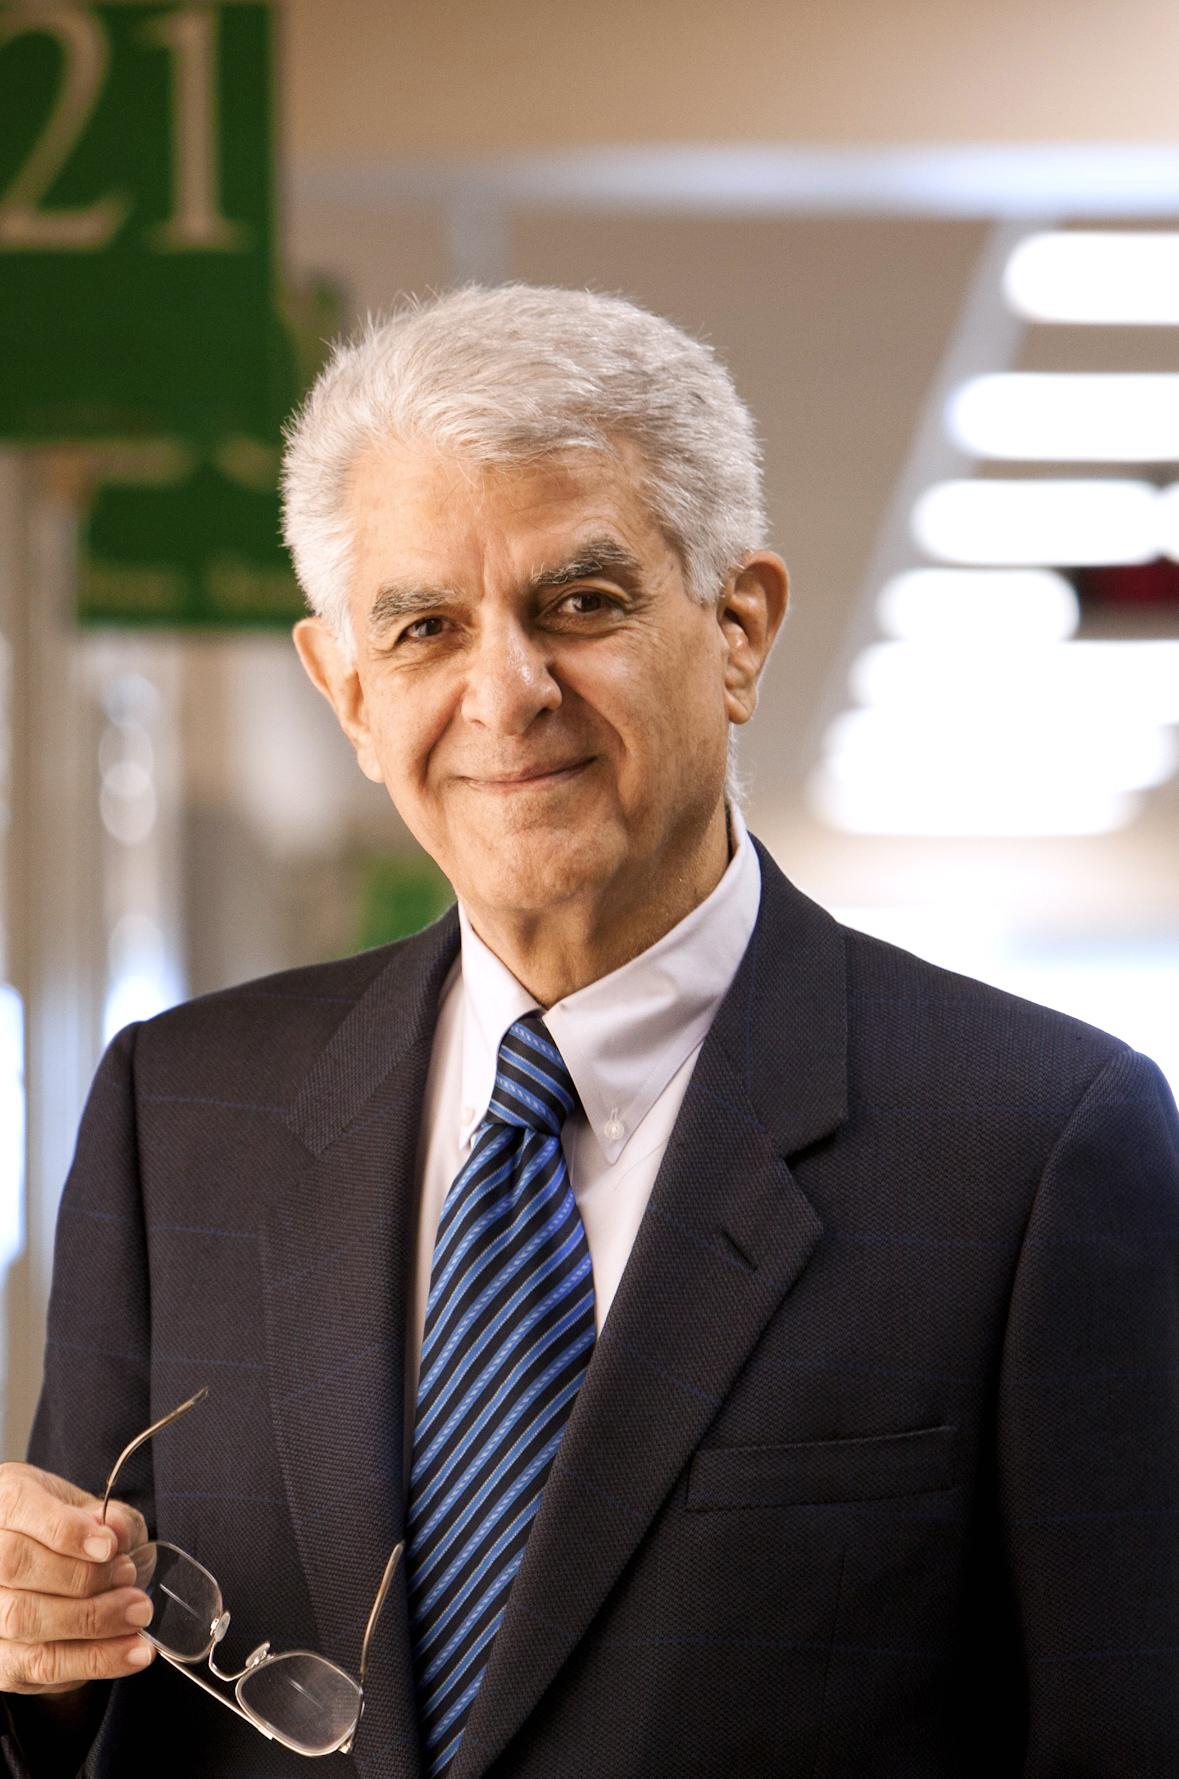 Dr. Bijan Safai, M.D. D.Sc.